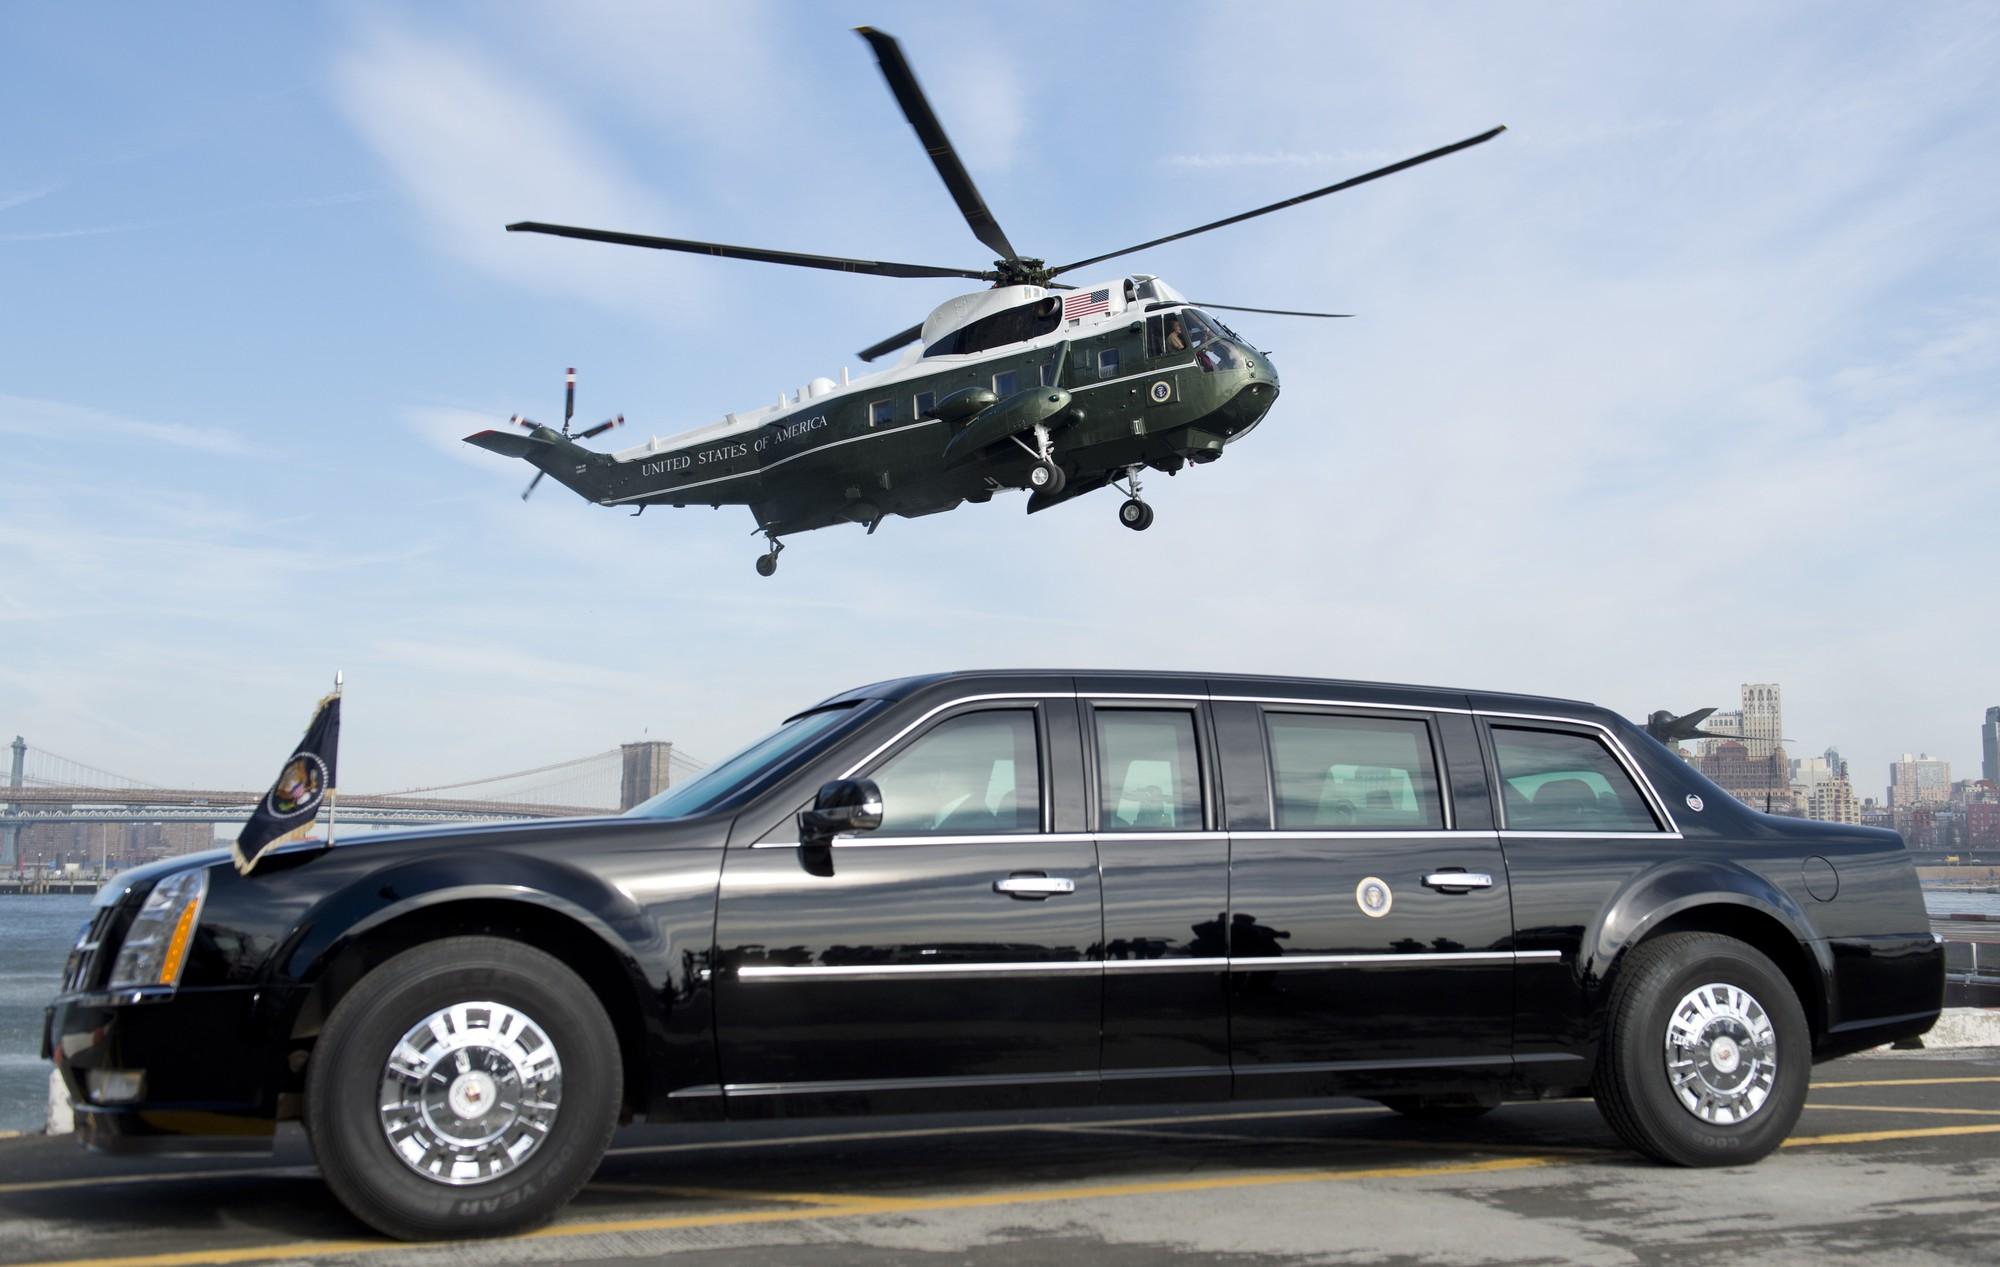 5 bí mật về chiếc xe chỉ dành riêng cho Tổng thống Mỹ mãi mới được tiết lộ 1